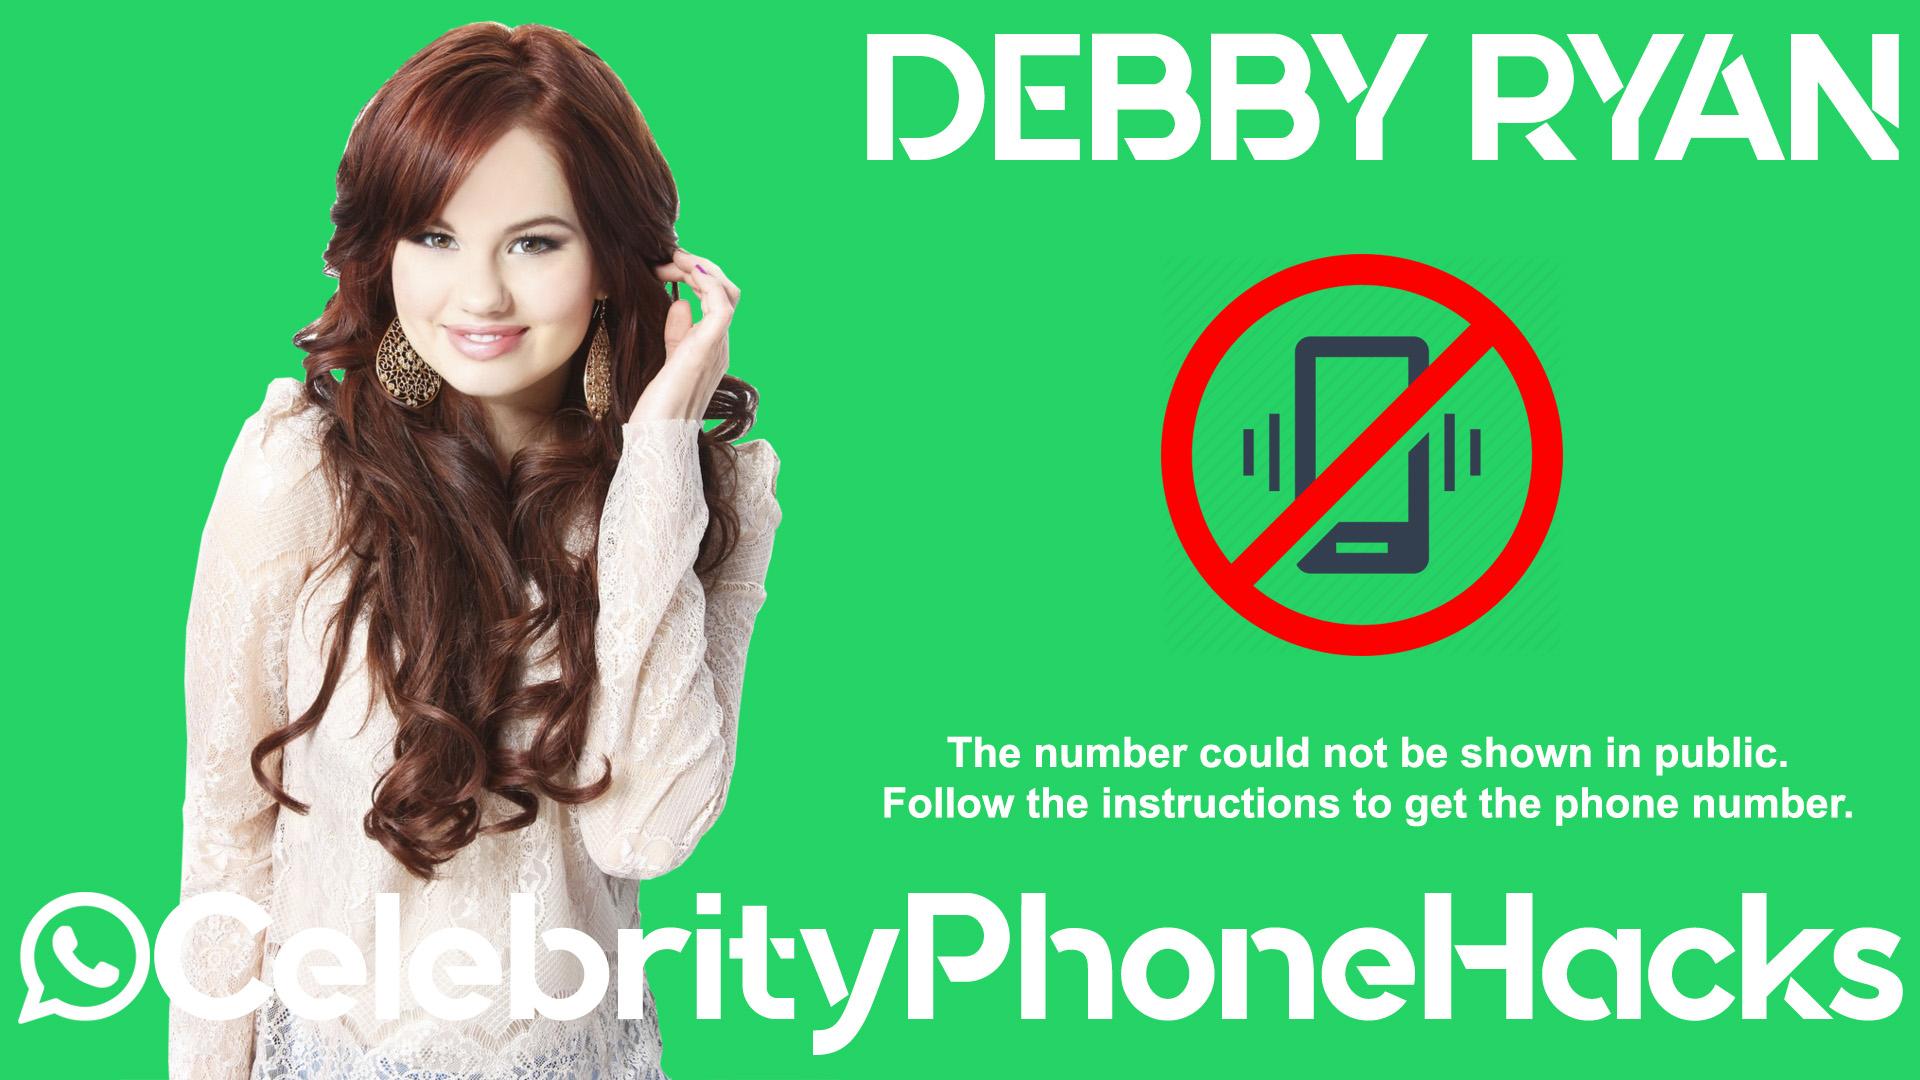 Debby Ryan real phone number 2019 whatsapp hacked leaked